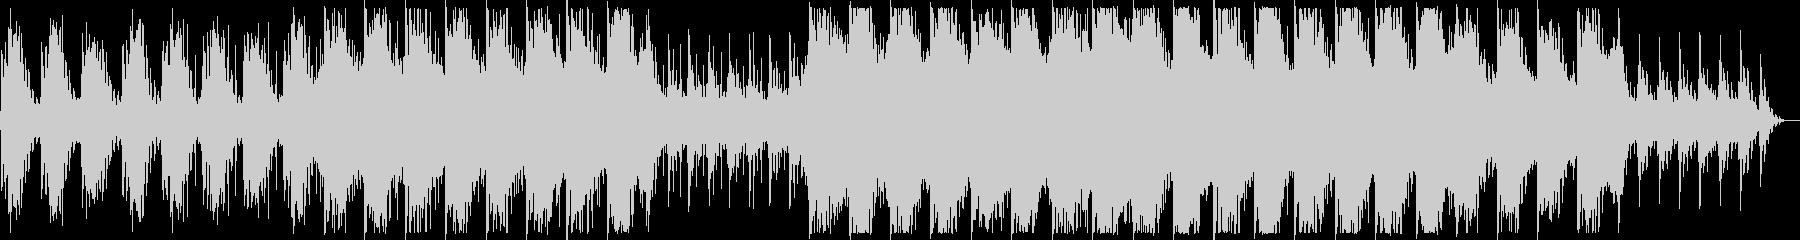 幻想的でダークなBGMの未再生の波形